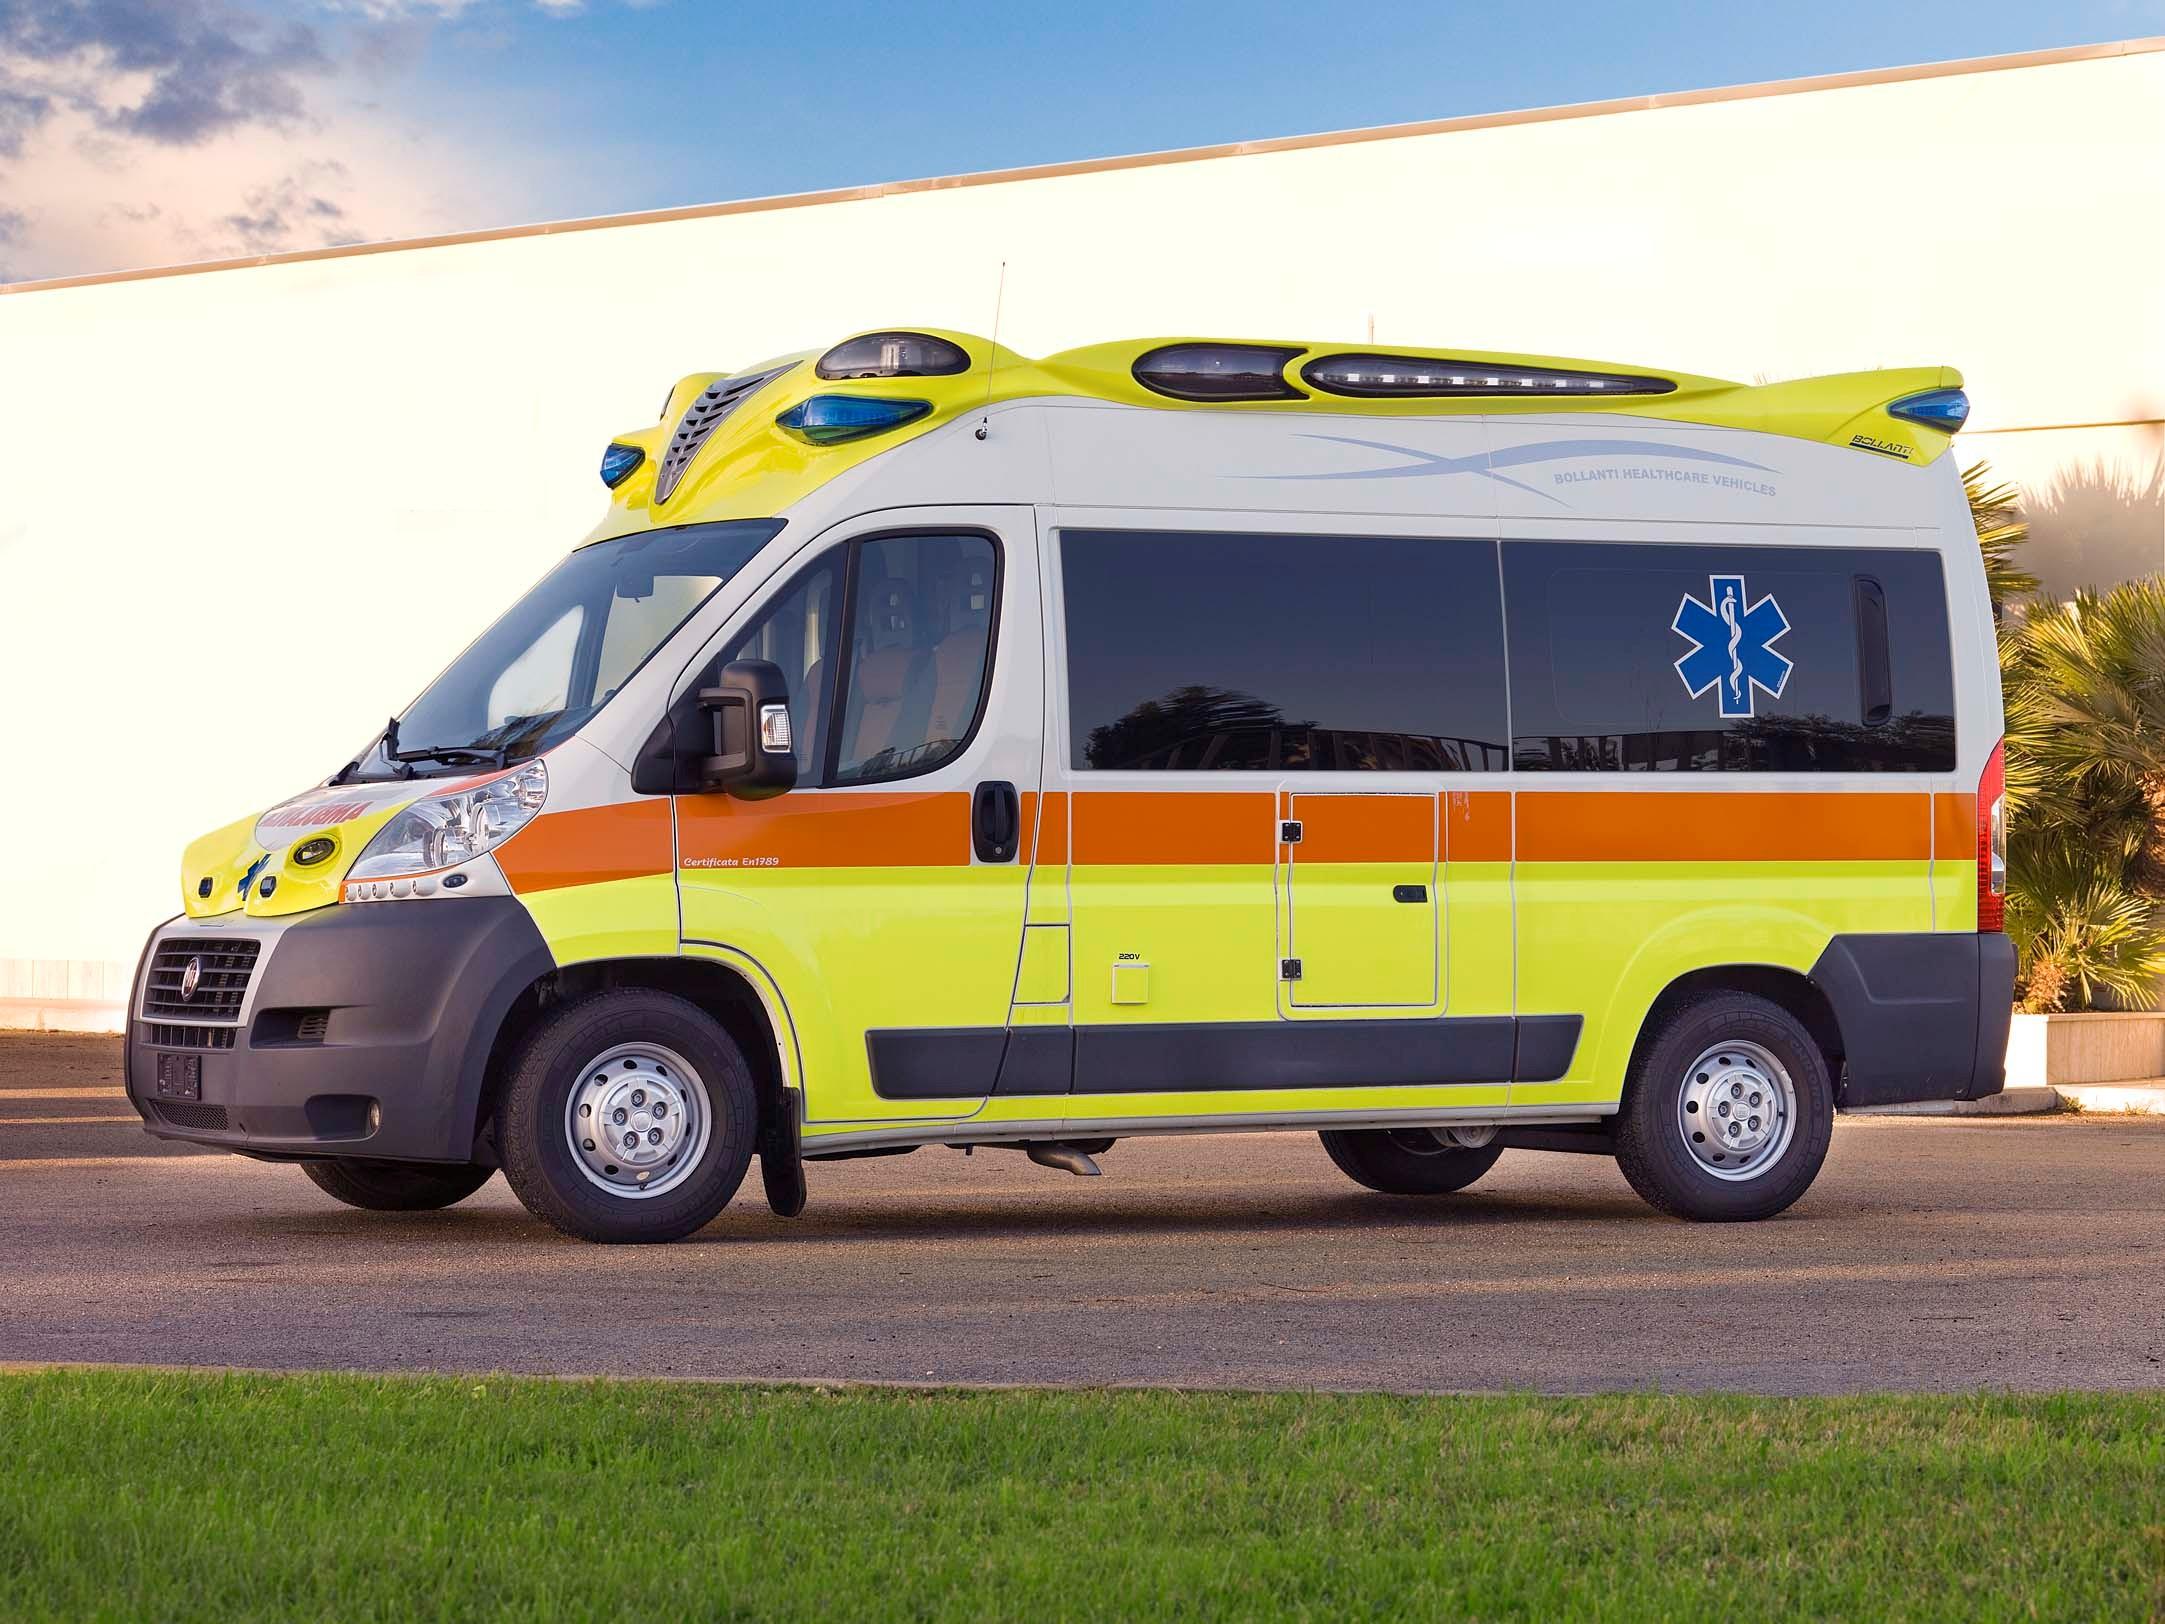 Spaventoso incidente tra camion dei pompieri e auto: feriti madre, padre e i tre figli piccoli